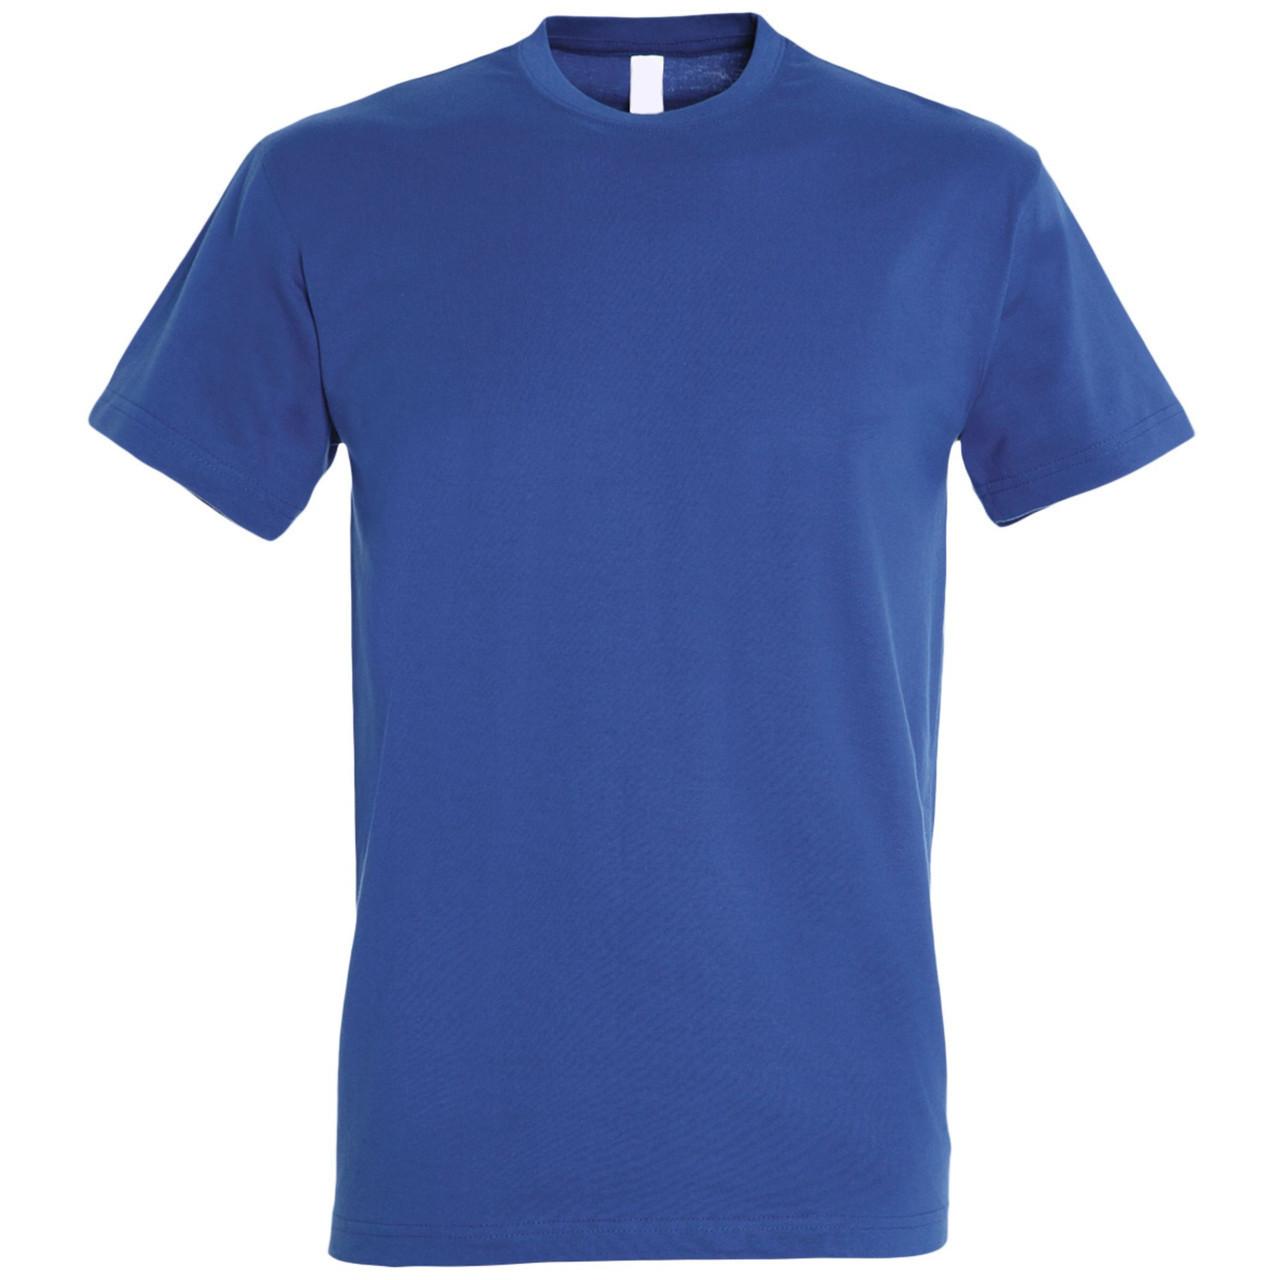 Oднотонная футболка | Синяя | 160 гр. | 2XL